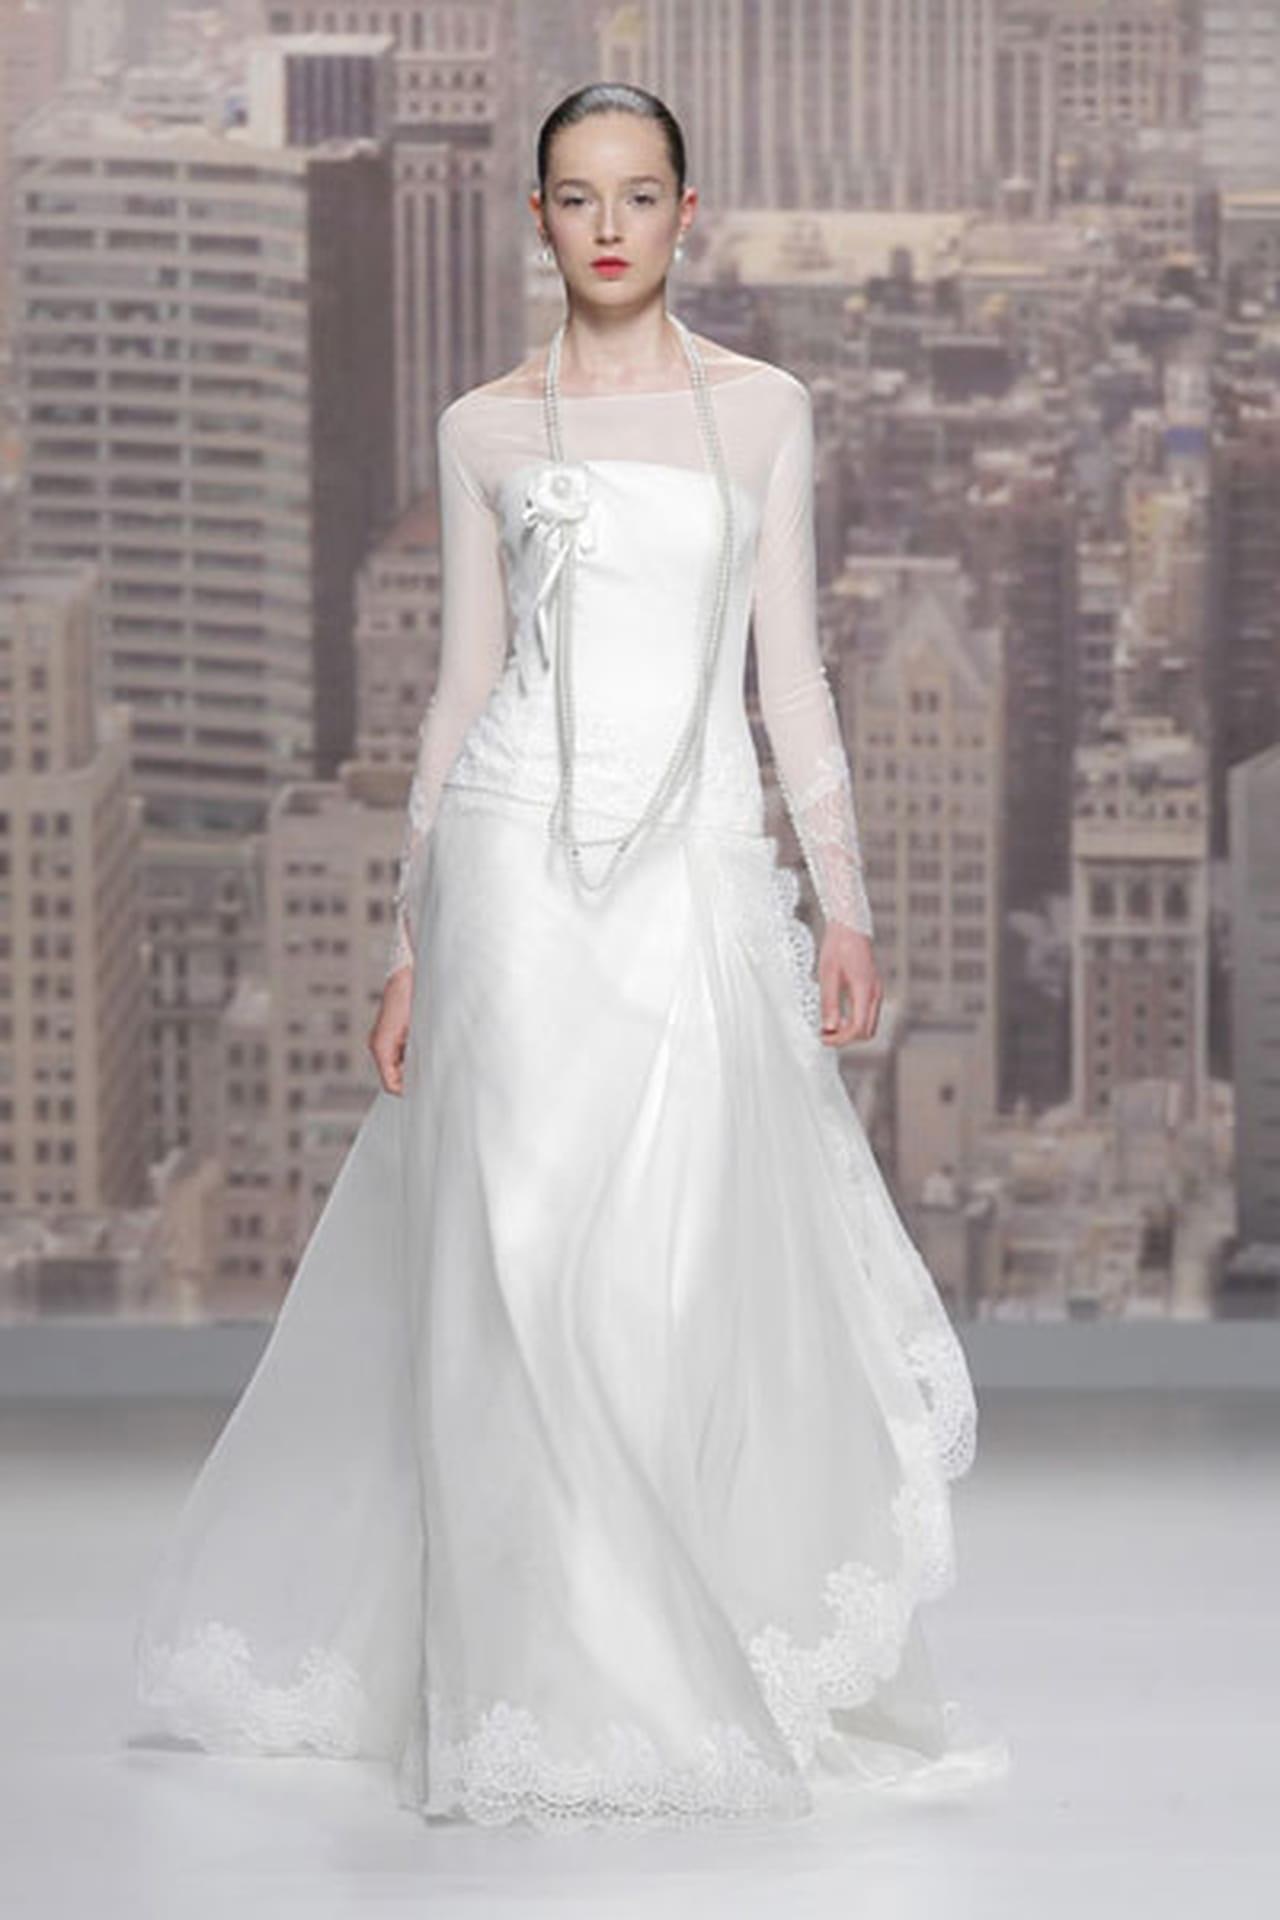 تصاميم حالمة في فساتين زفاف 820497